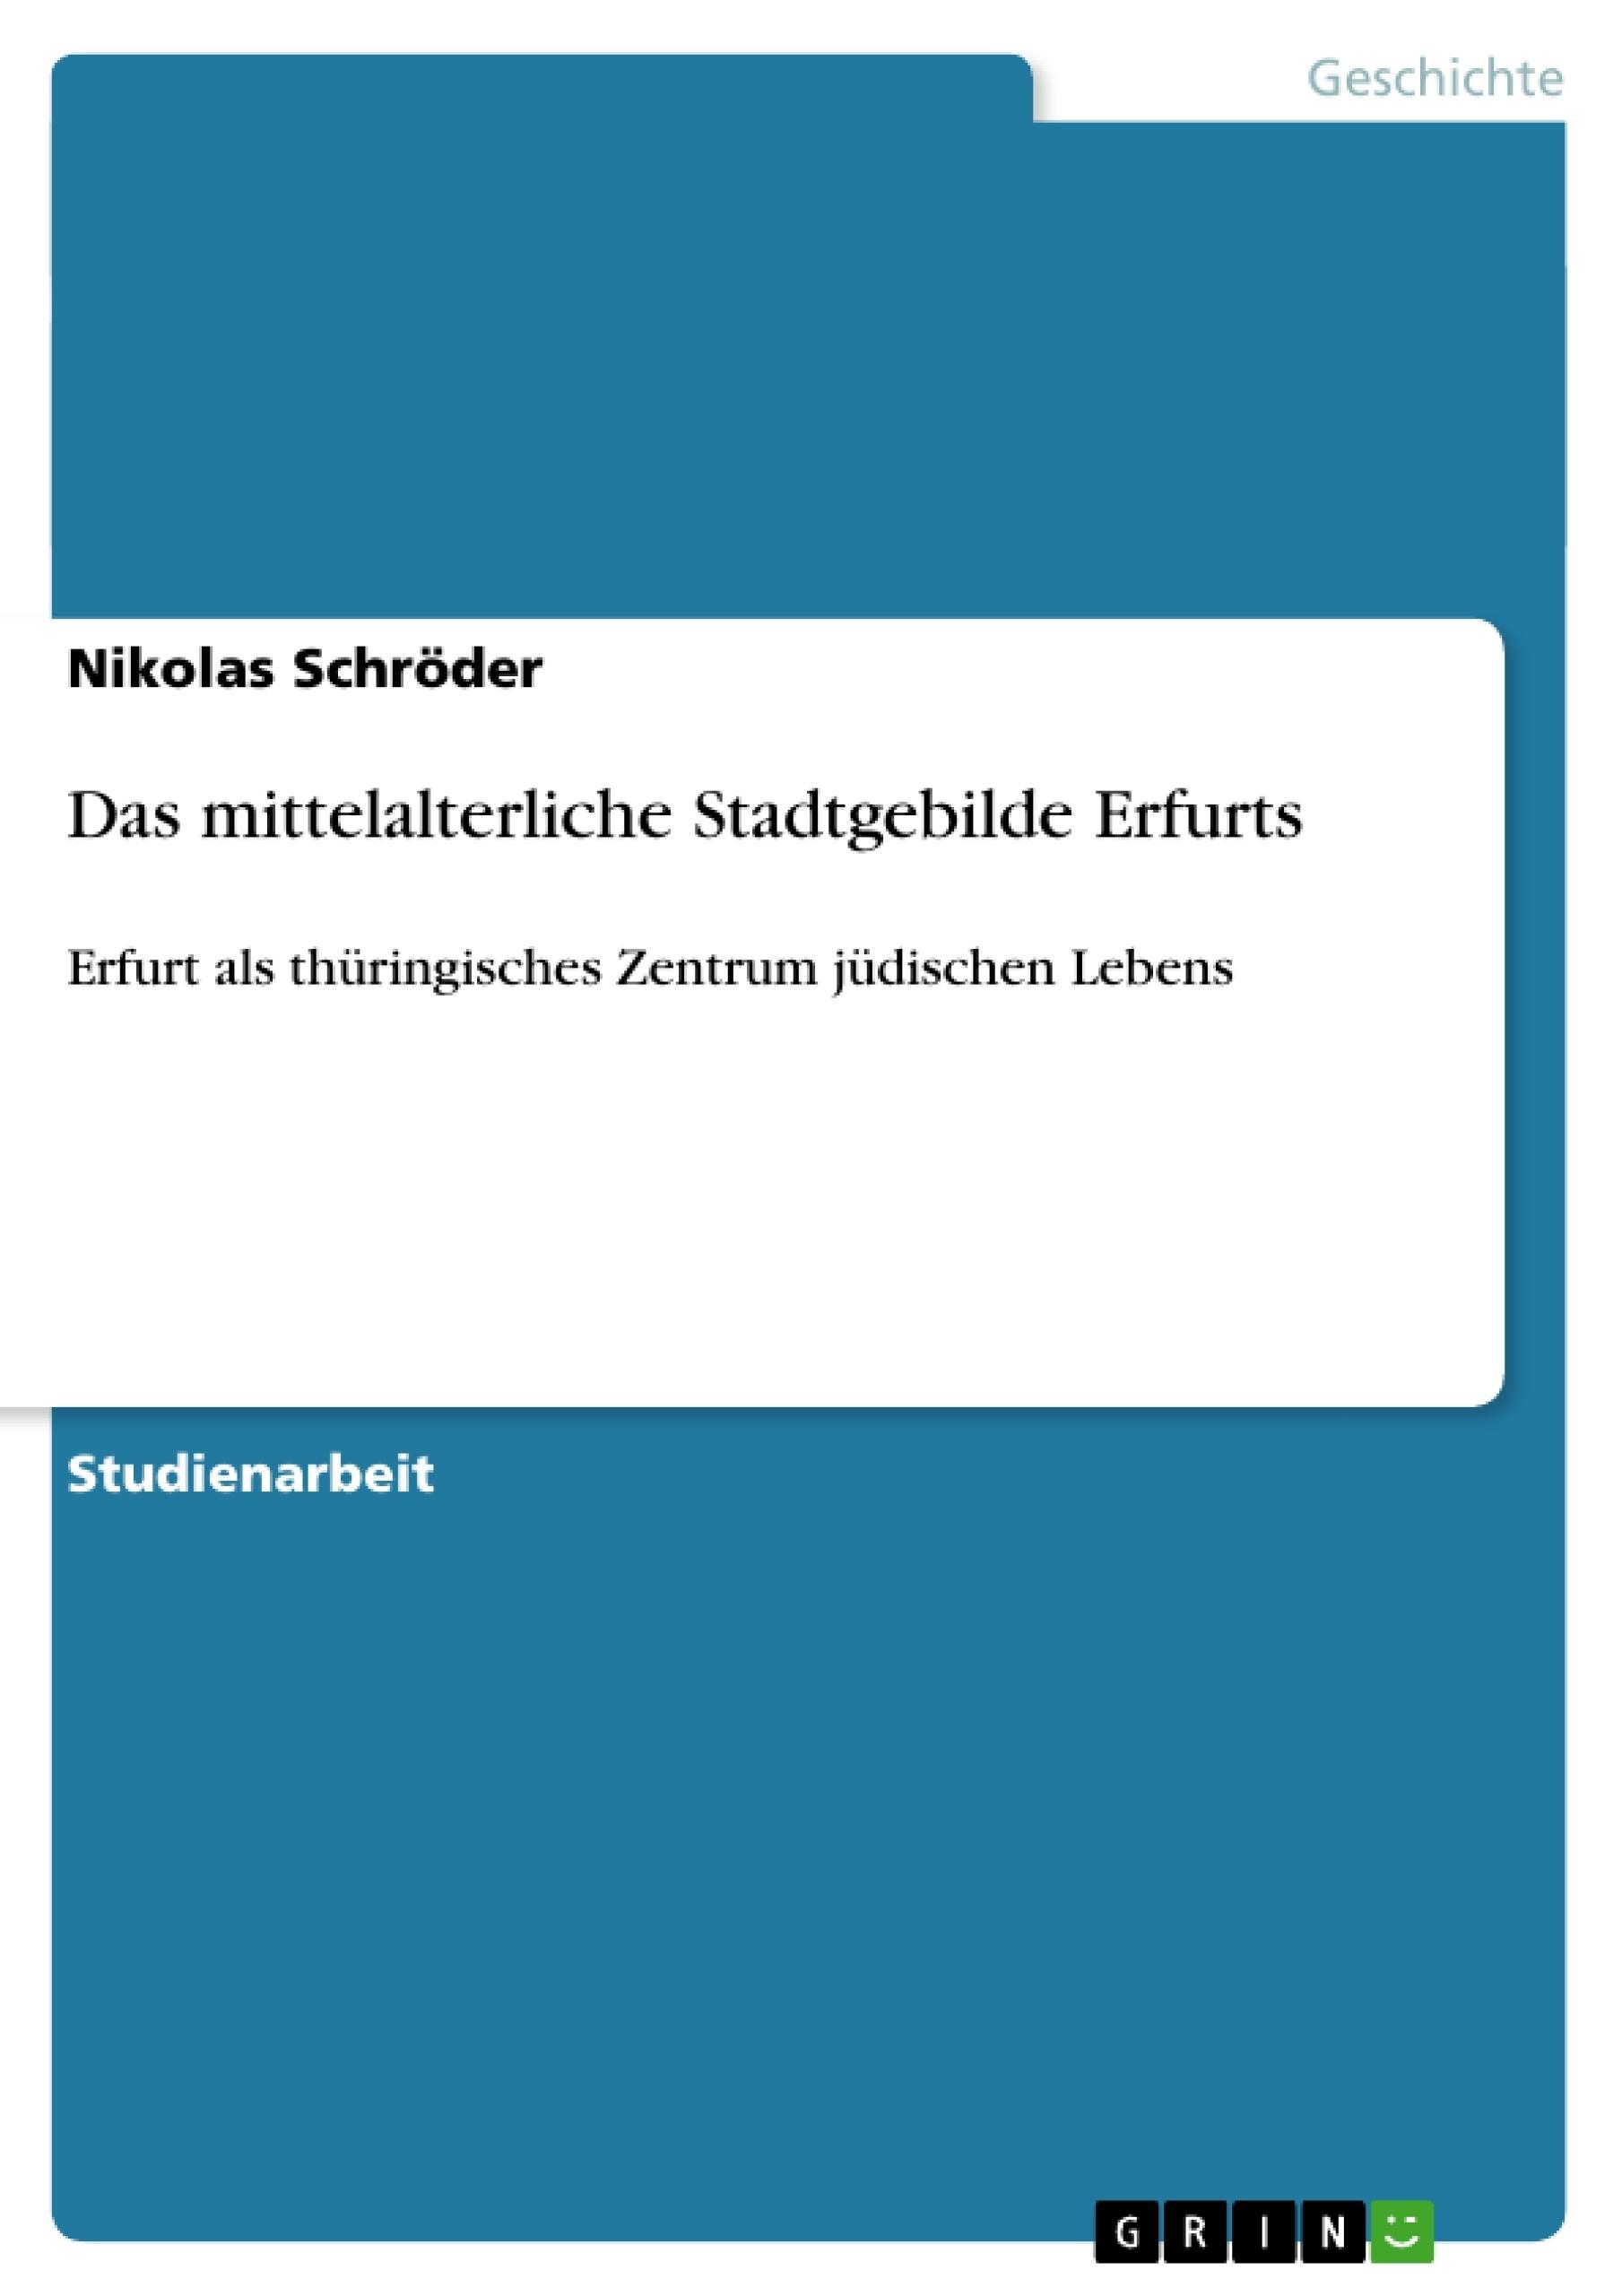 Titel: Das mittelalterliche Stadtgebilde Erfurts